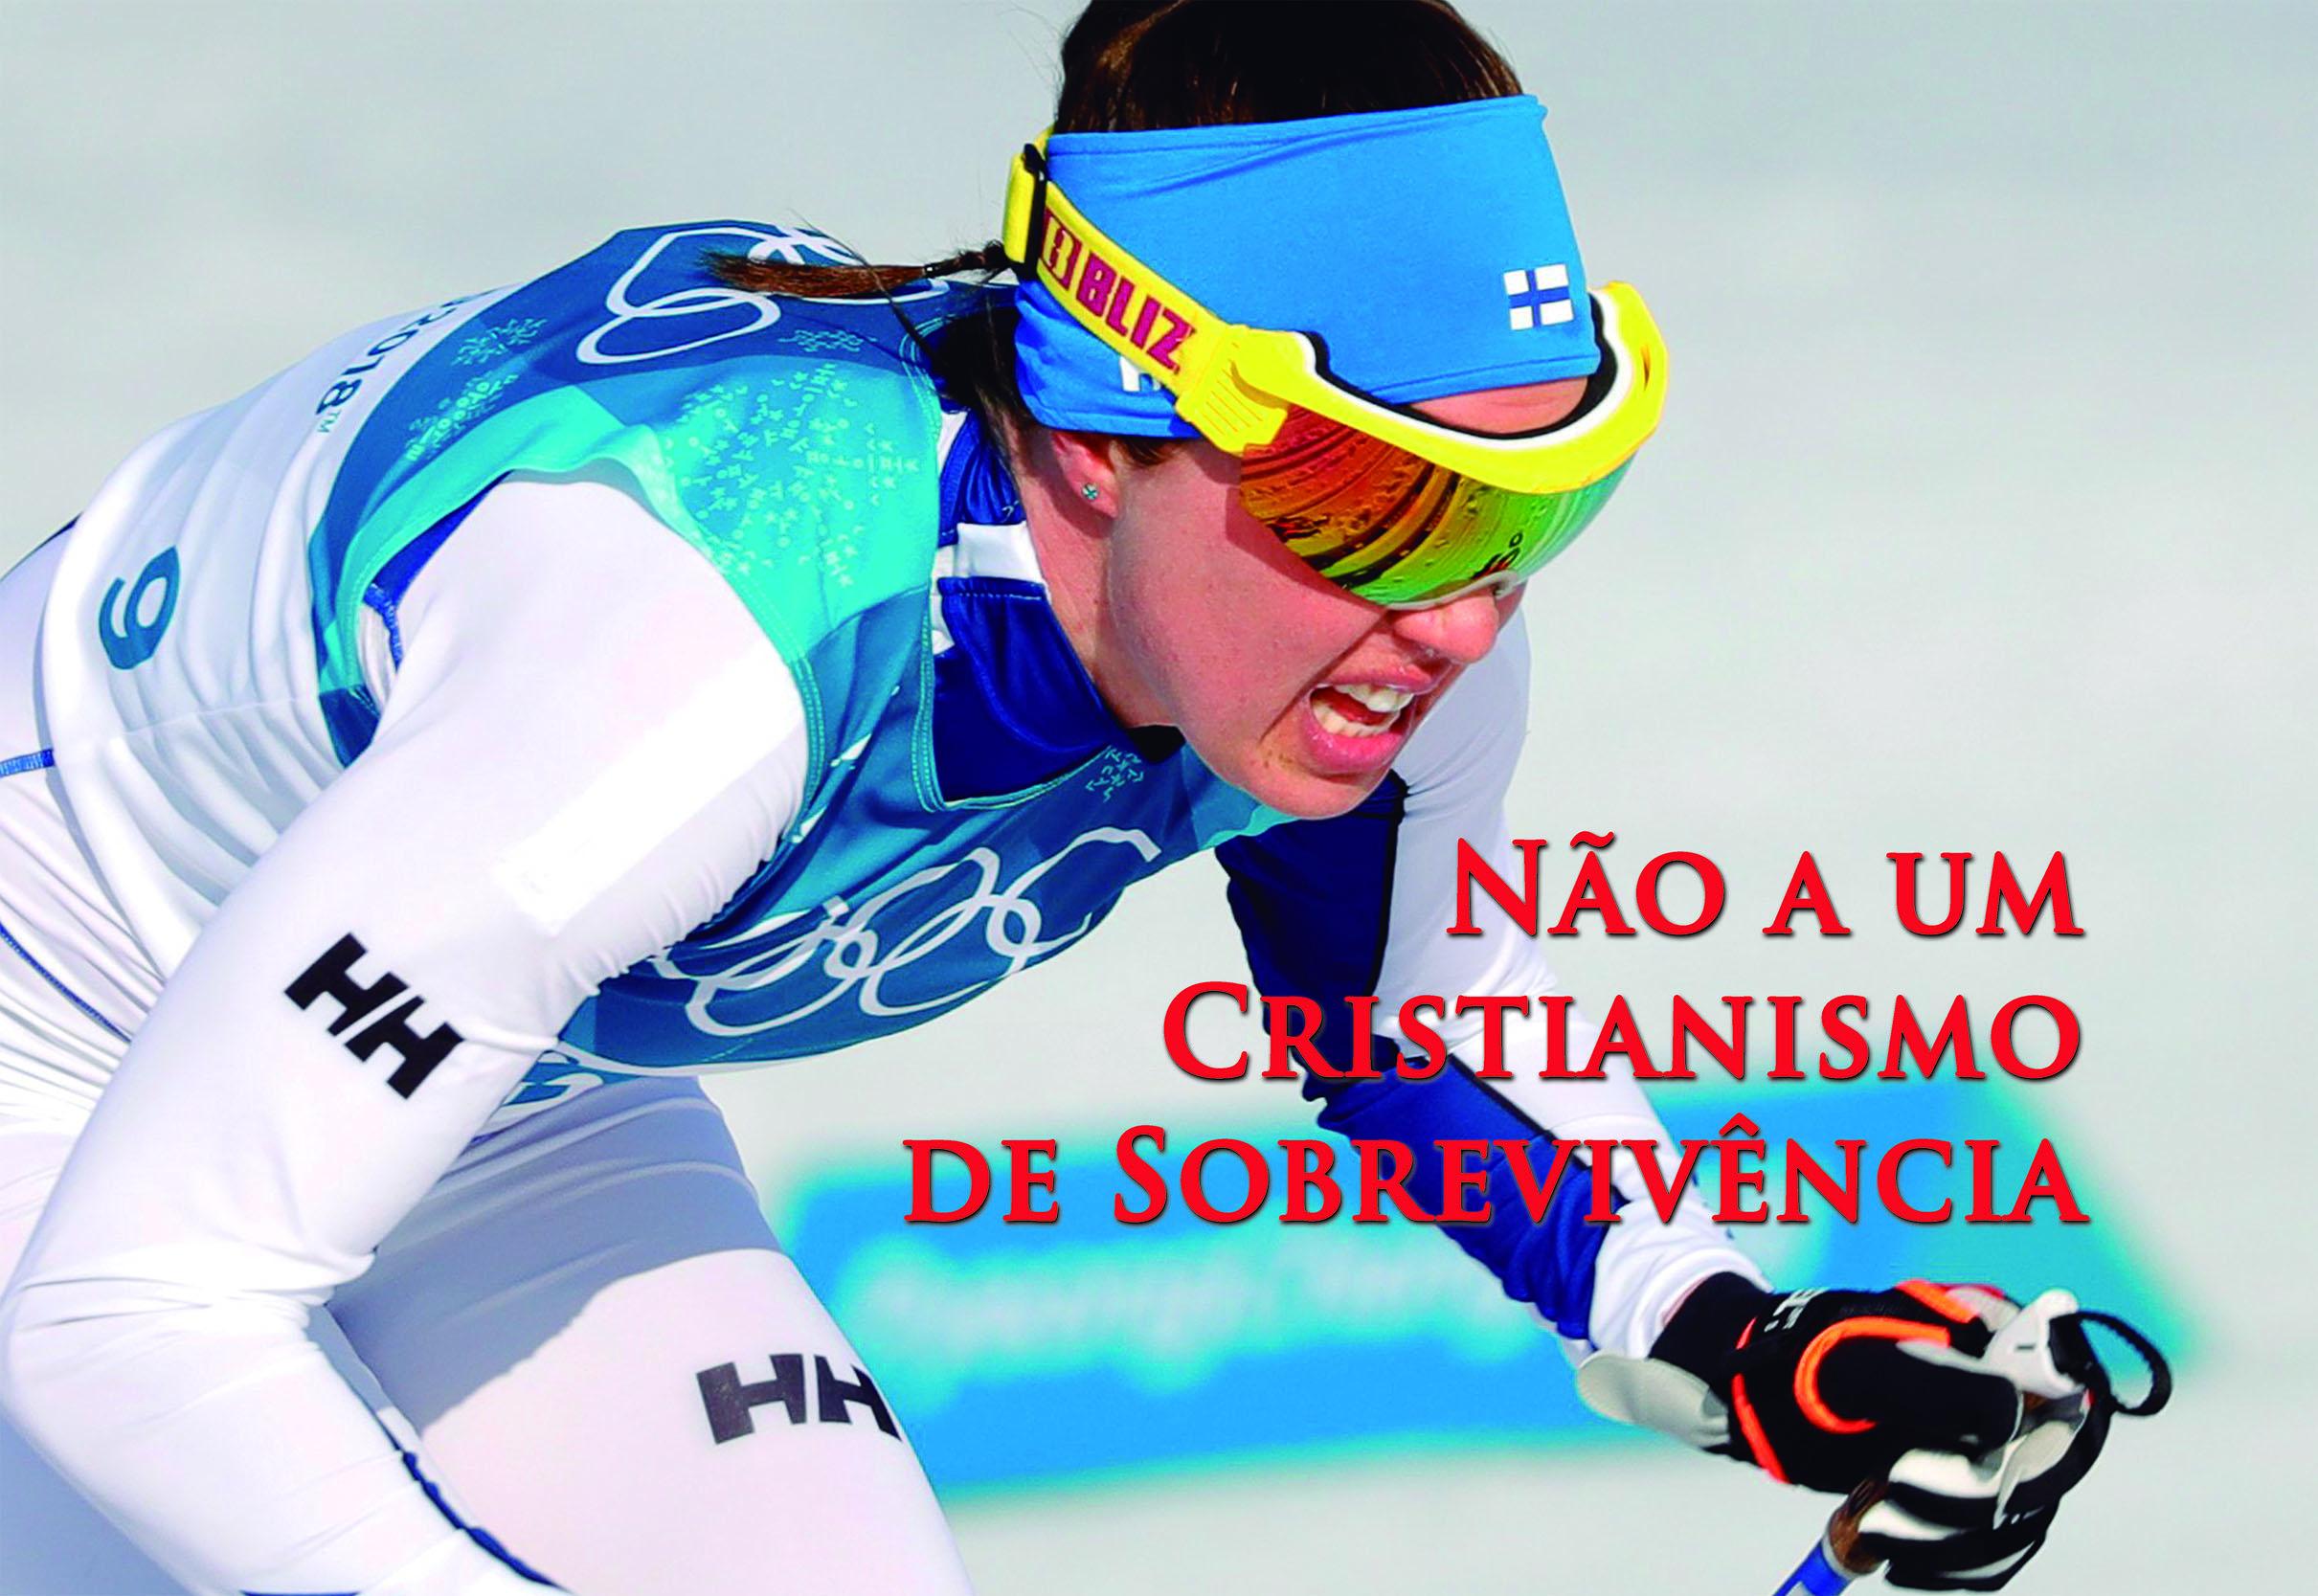 Kerttu Niskanen da Finlândia durante o Cross Country feminino 30 km, durante os Jogos Olímpicos PyeongChang 2018, Coréia do Sul, 25 de fevereiro de 2018. EPA / ANTONIO BAT